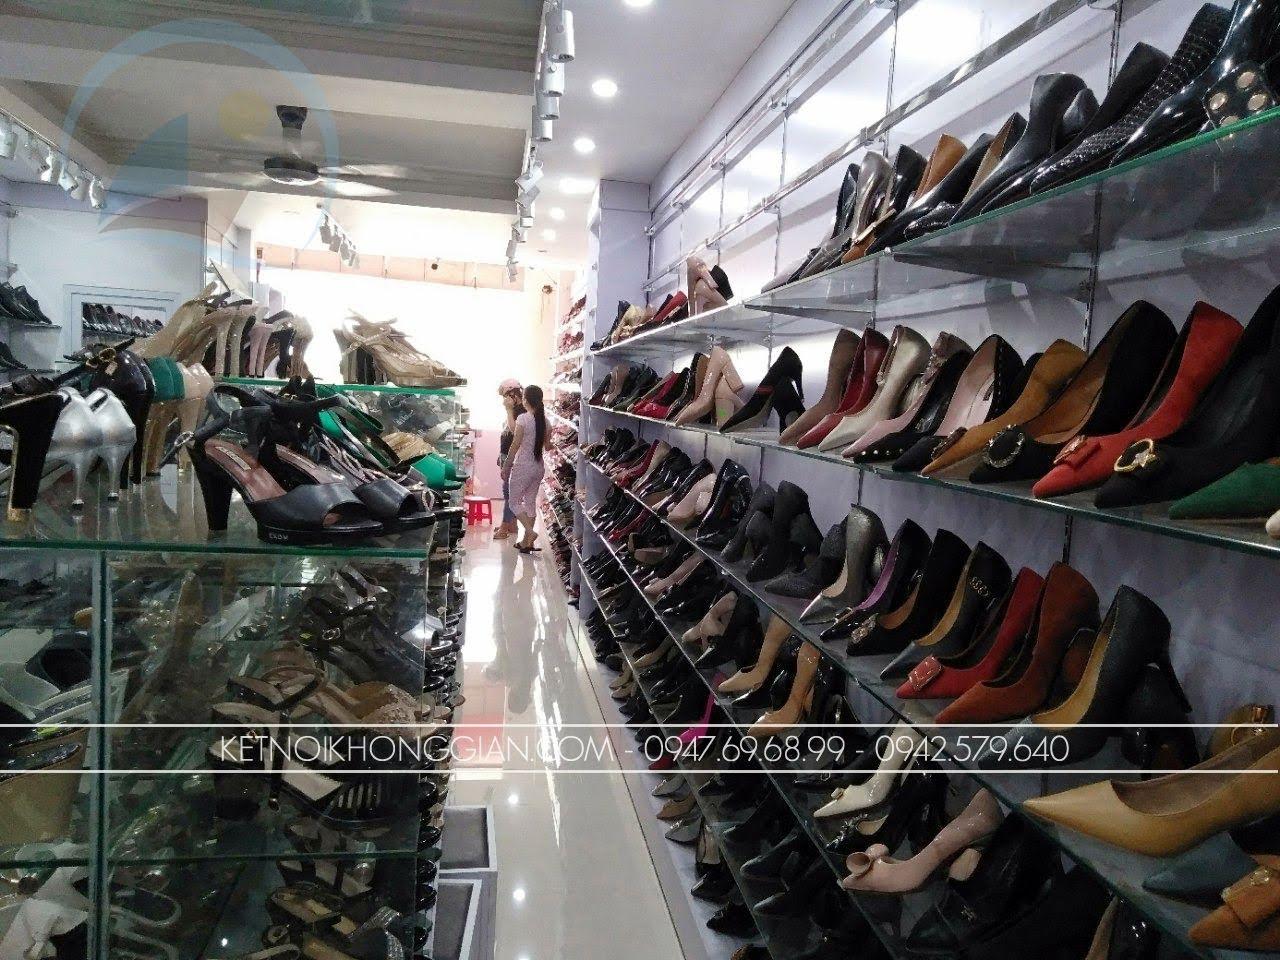 thiết kế thi công nội thất shop giày dép thời trang 7